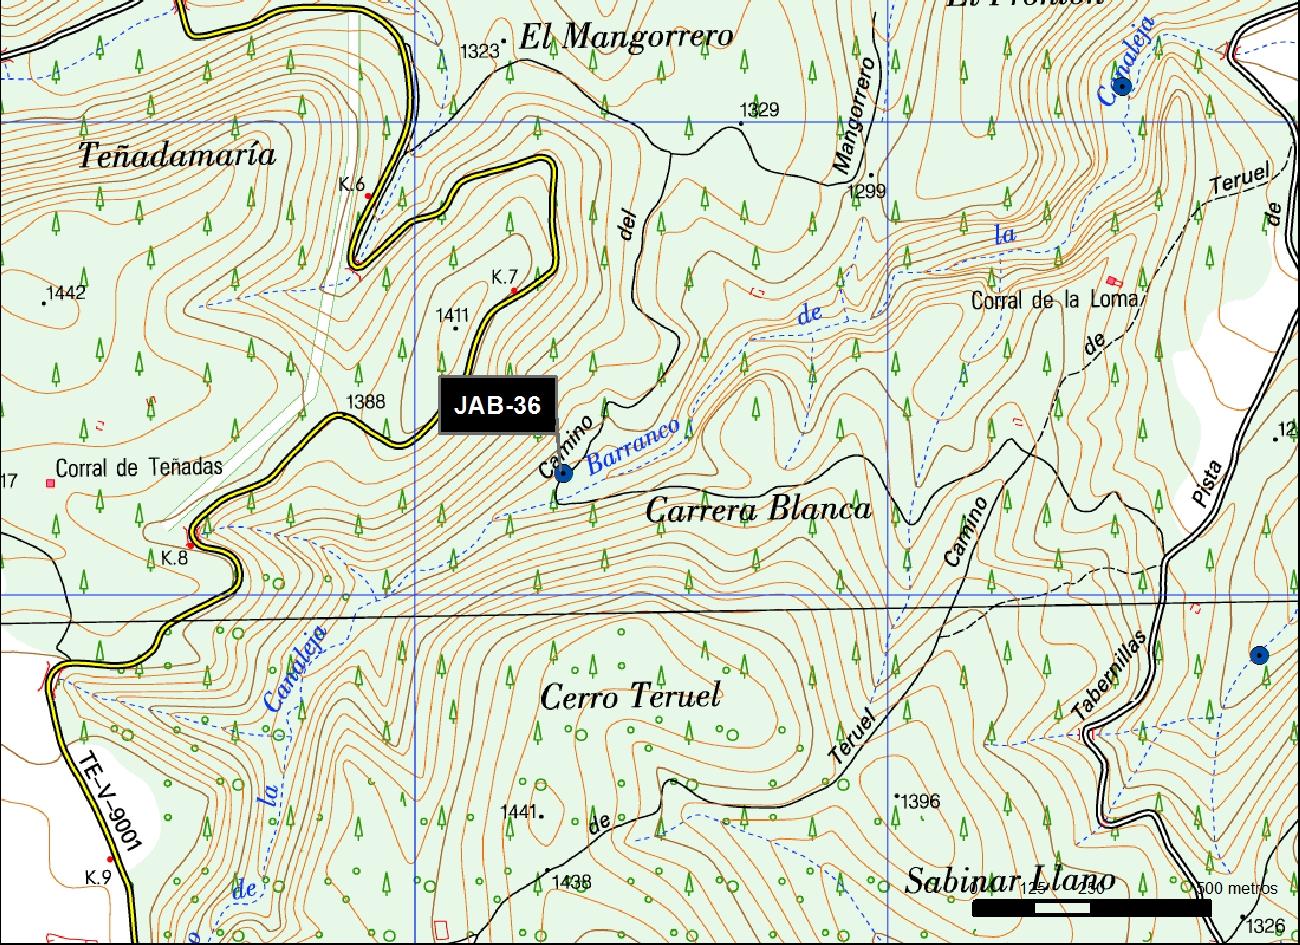 JAB_36_M.V.LOZANO_MANGORRERO_MAP.TOPO 2